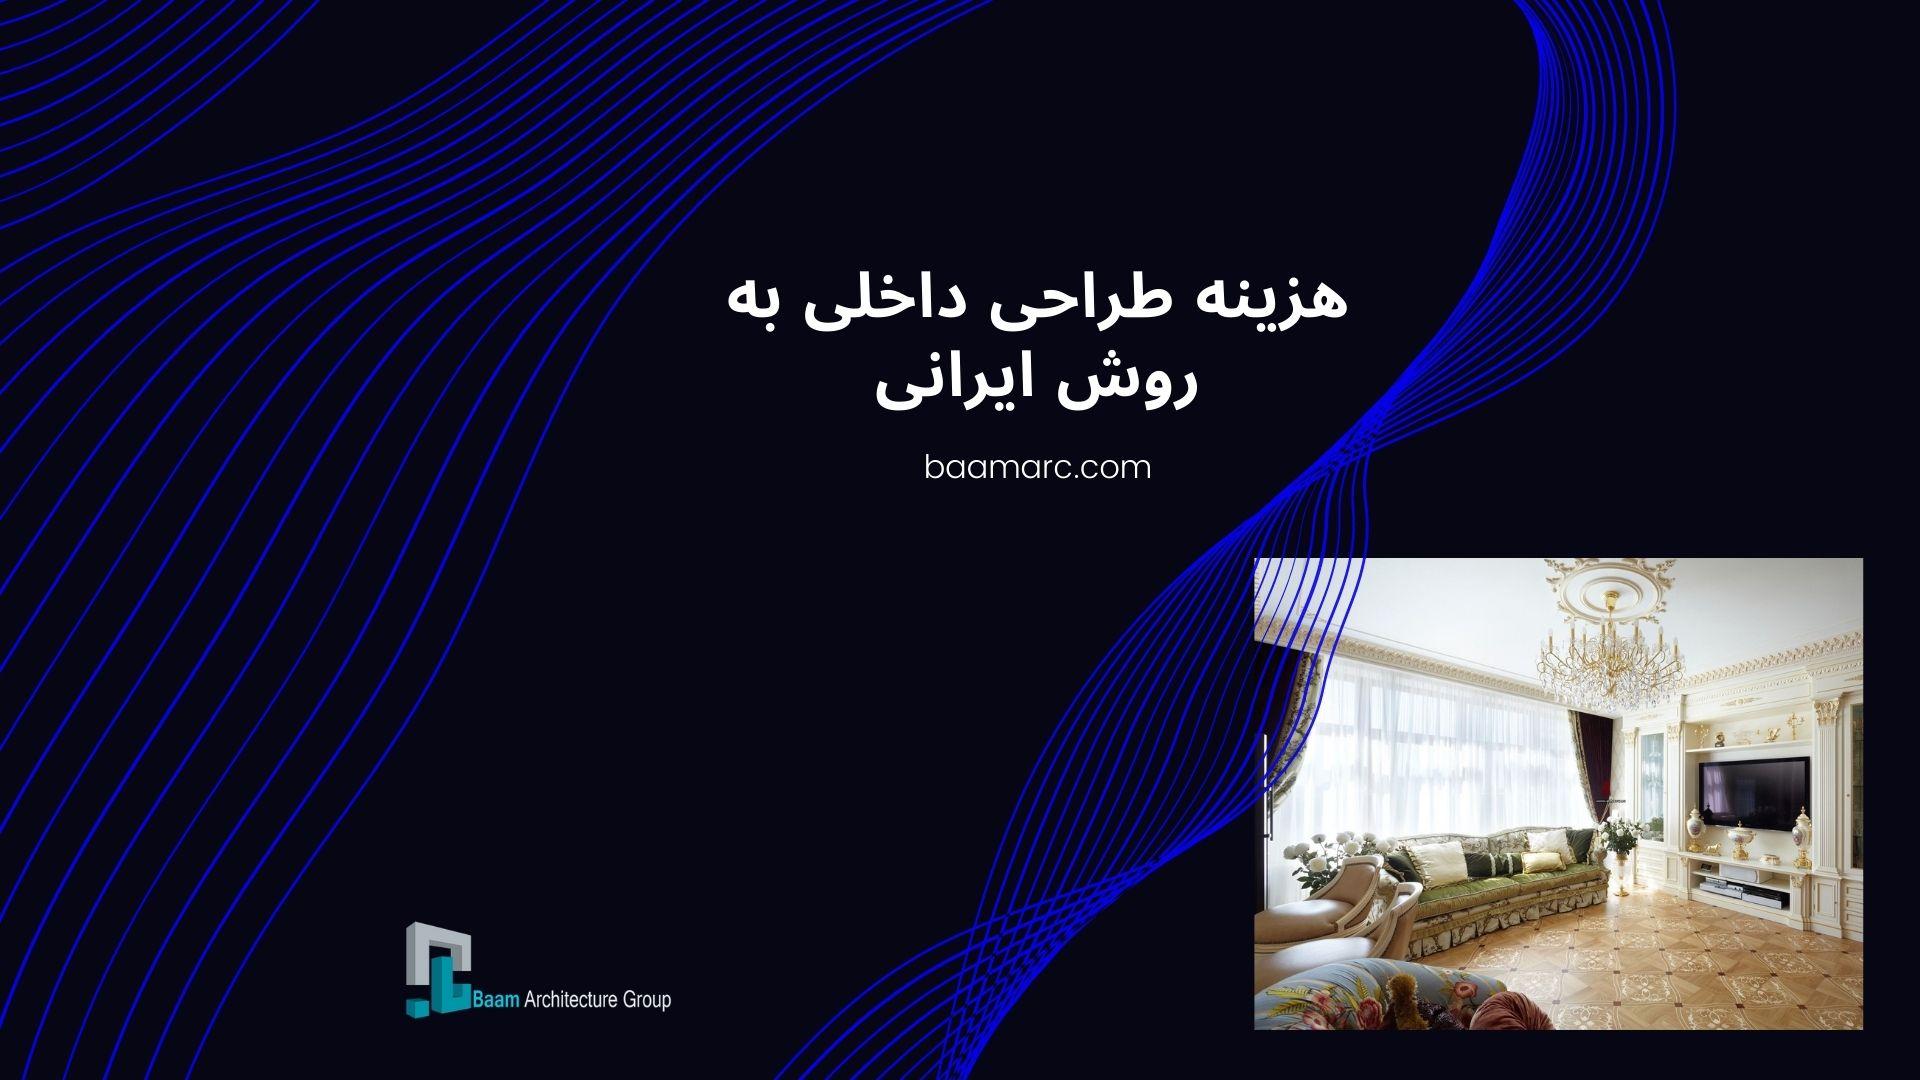 هزینه طراحی داخلی به روش ایرانی: